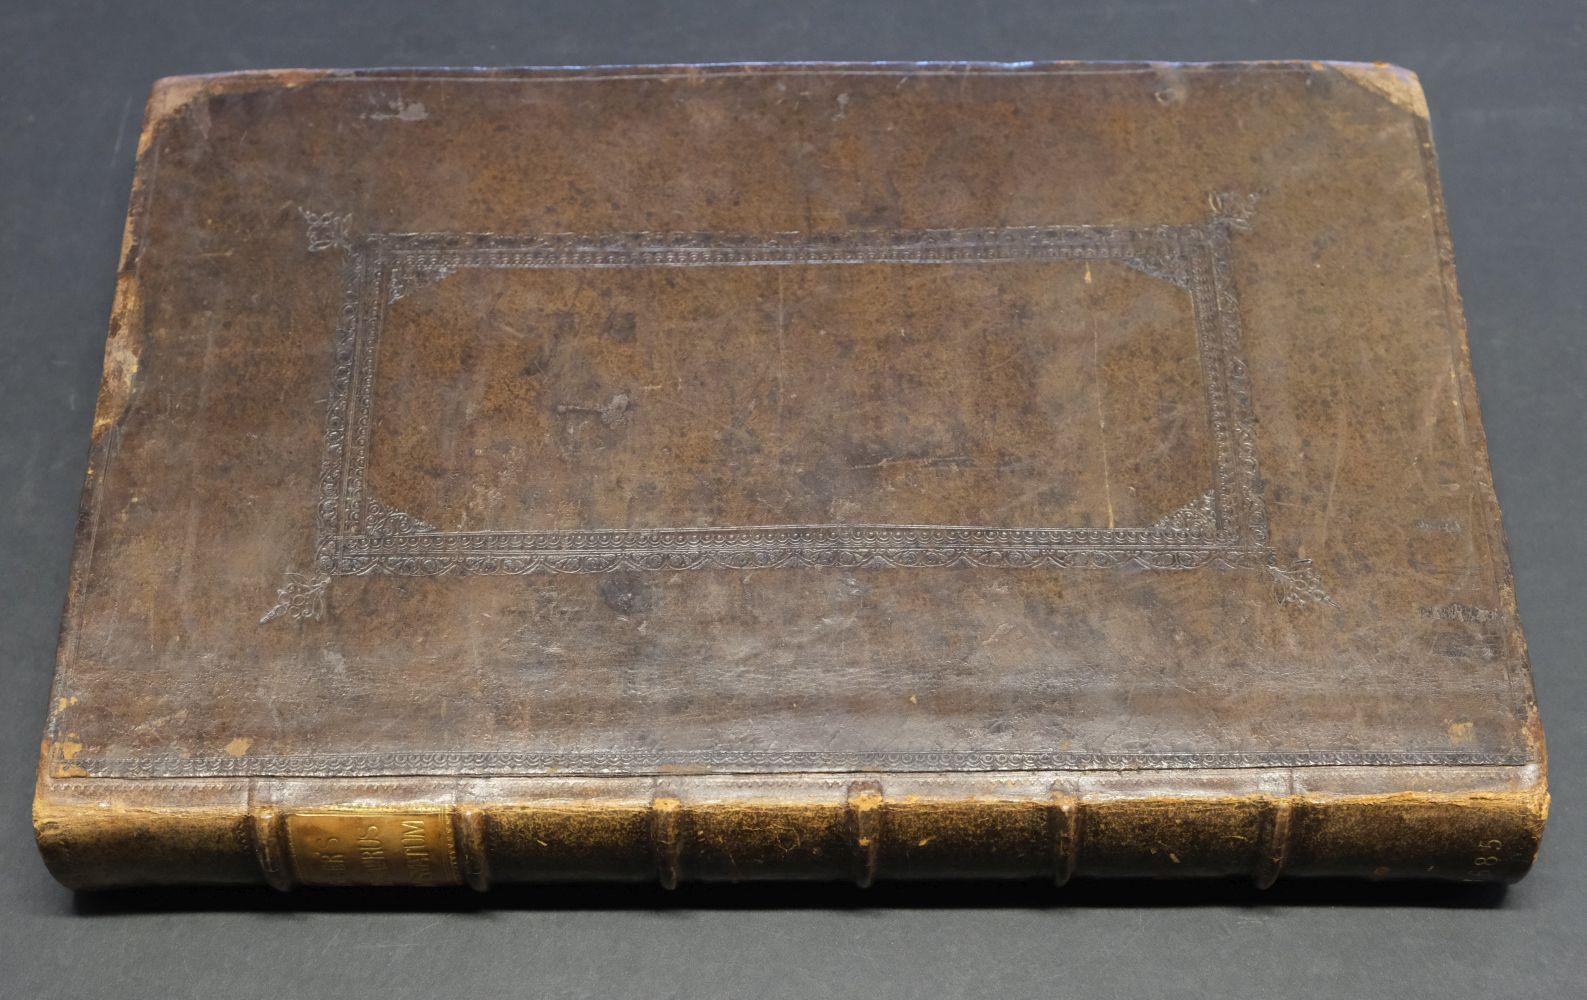 Beger (Lorenzo). Thesaurus ex Thesauro Palatino Selectus, 1685 - Image 2 of 9